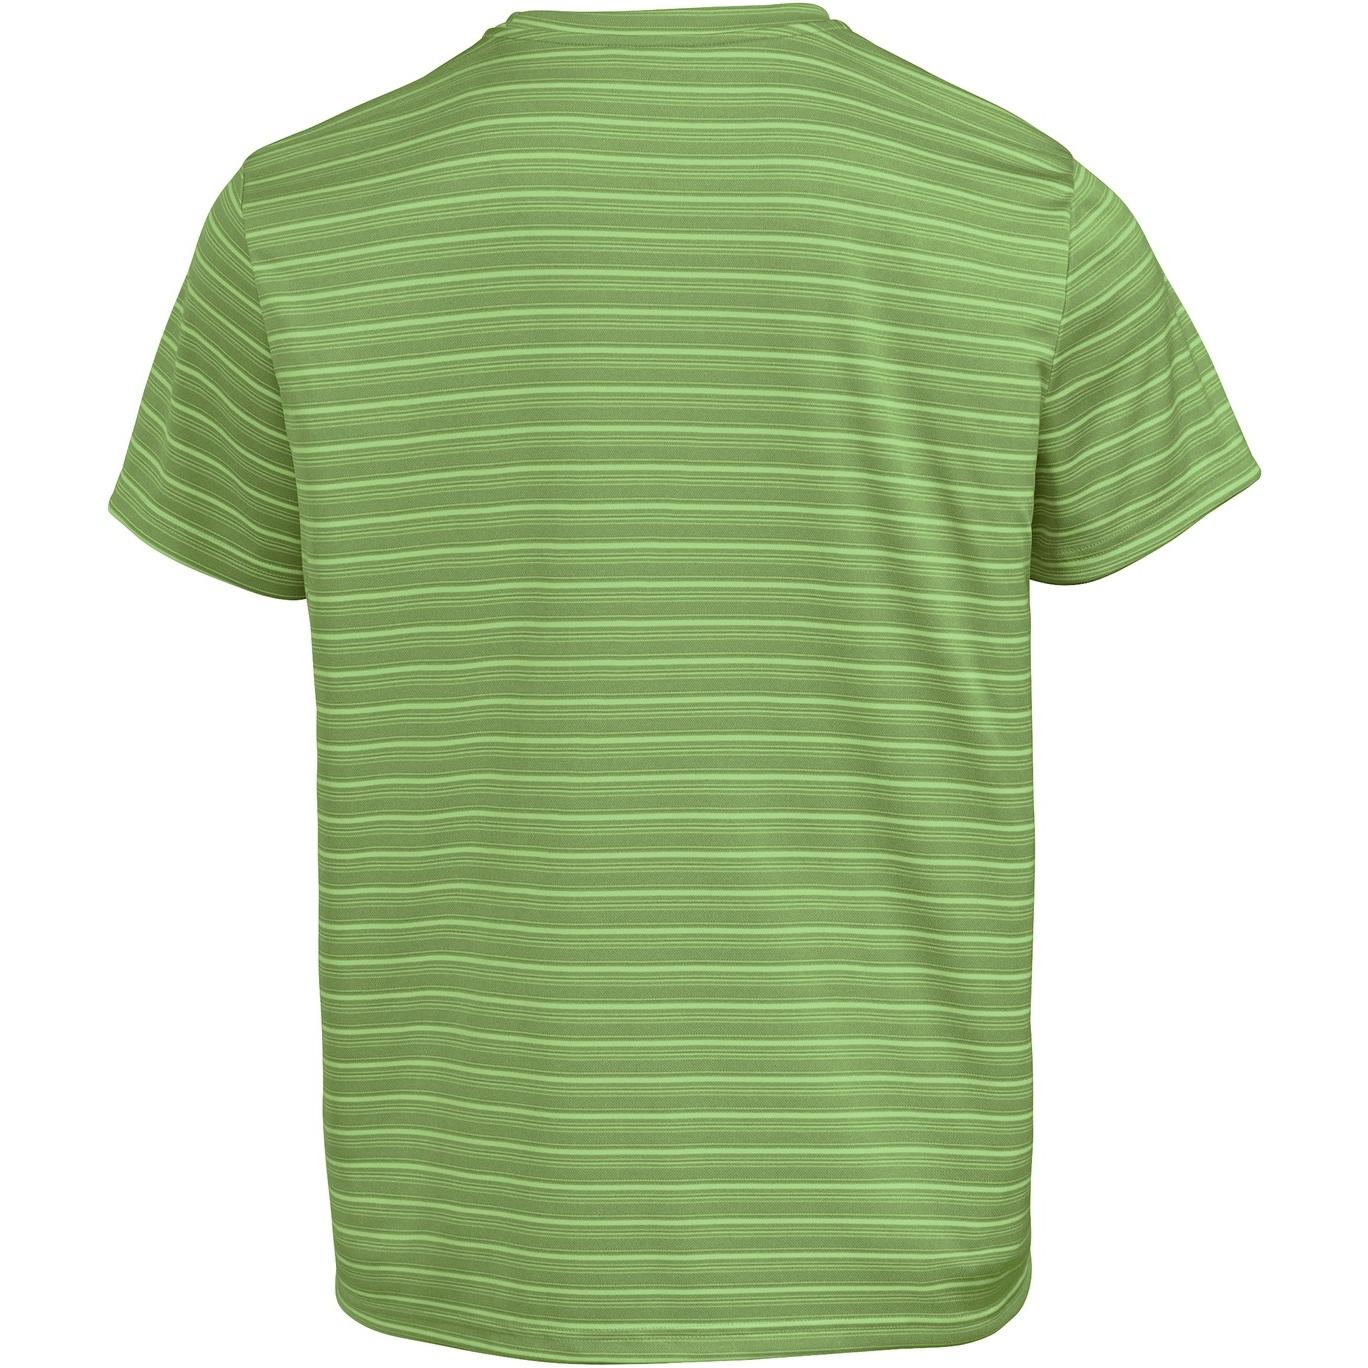 Bild von Vaude Feeny T-Shirt - bamboo